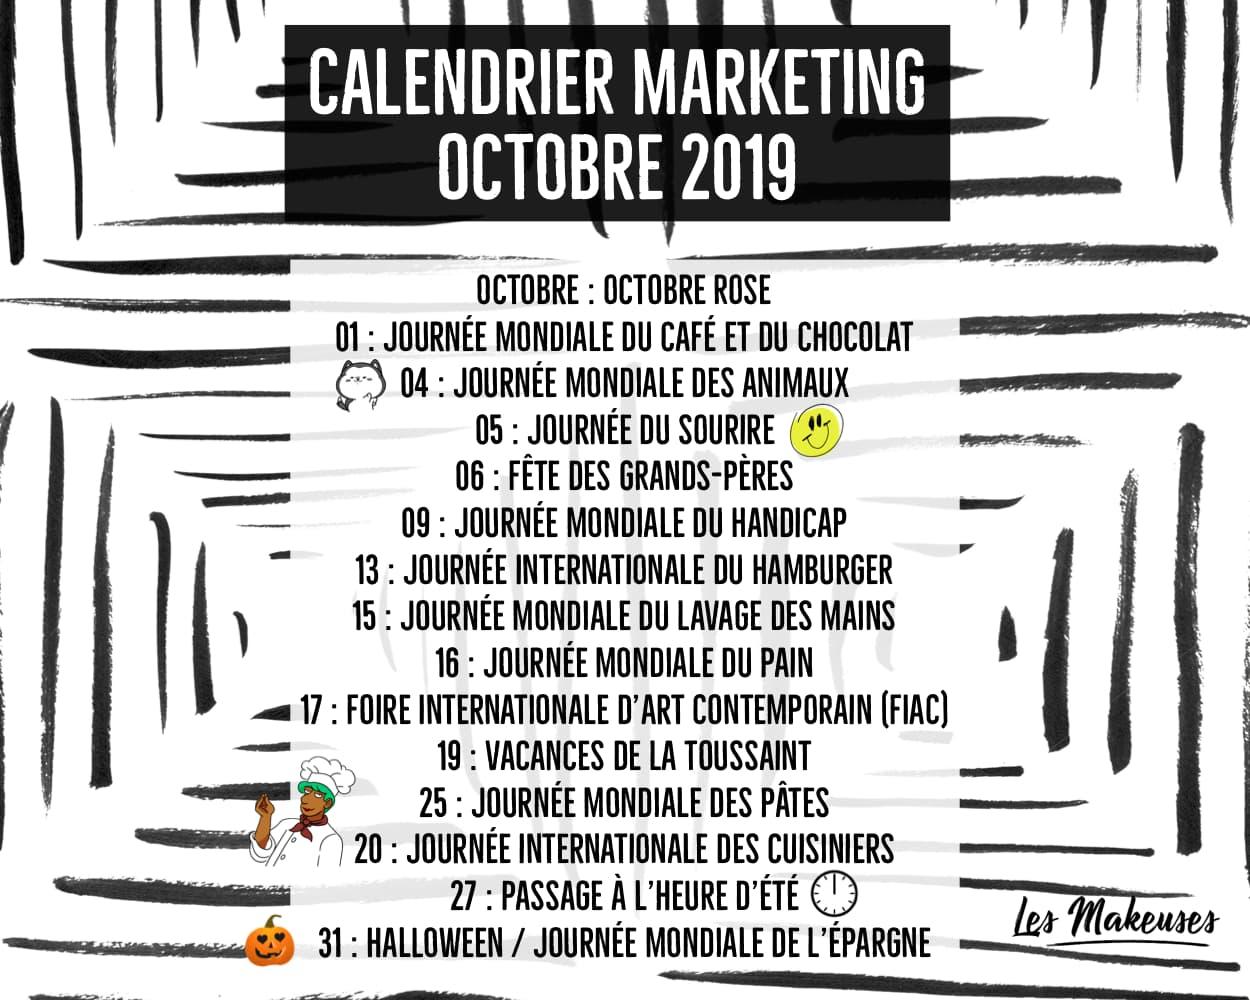 Calendrier Rendez Vous.Calendrier Marketing Octobre 2019 Les Makeuses